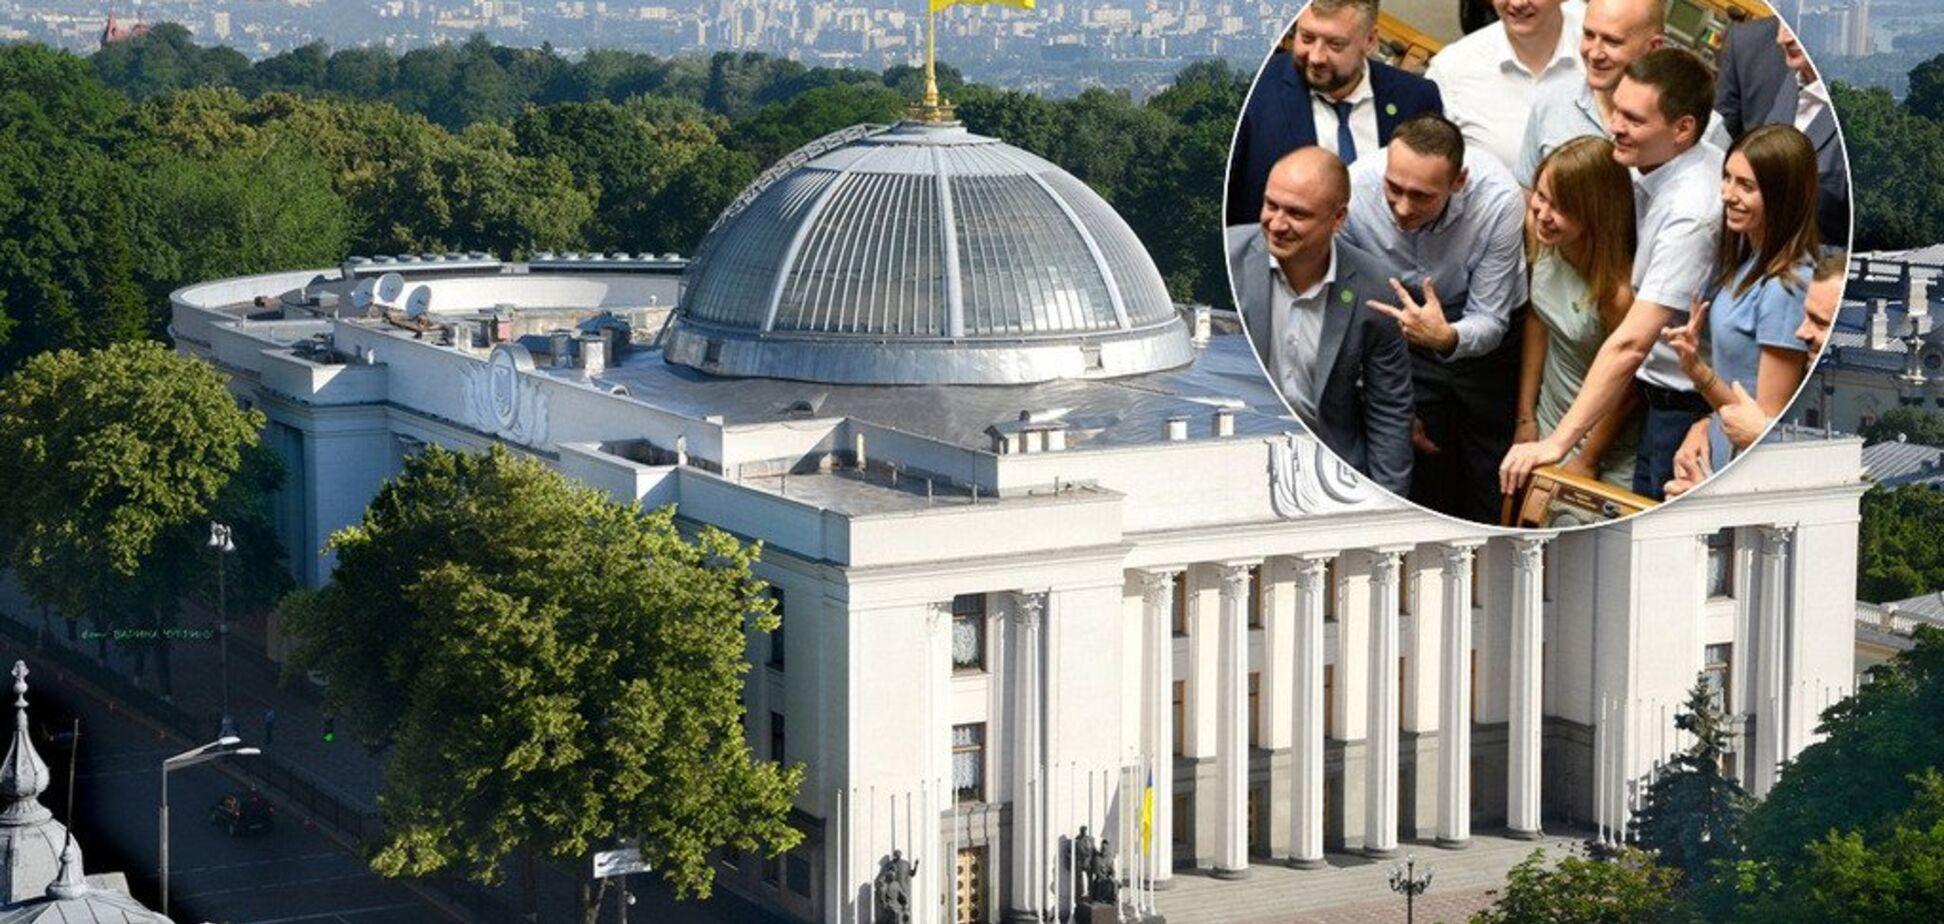 Нардепи-мільйонери орендують квартири за рахунок українців: спалахнув новий скандал